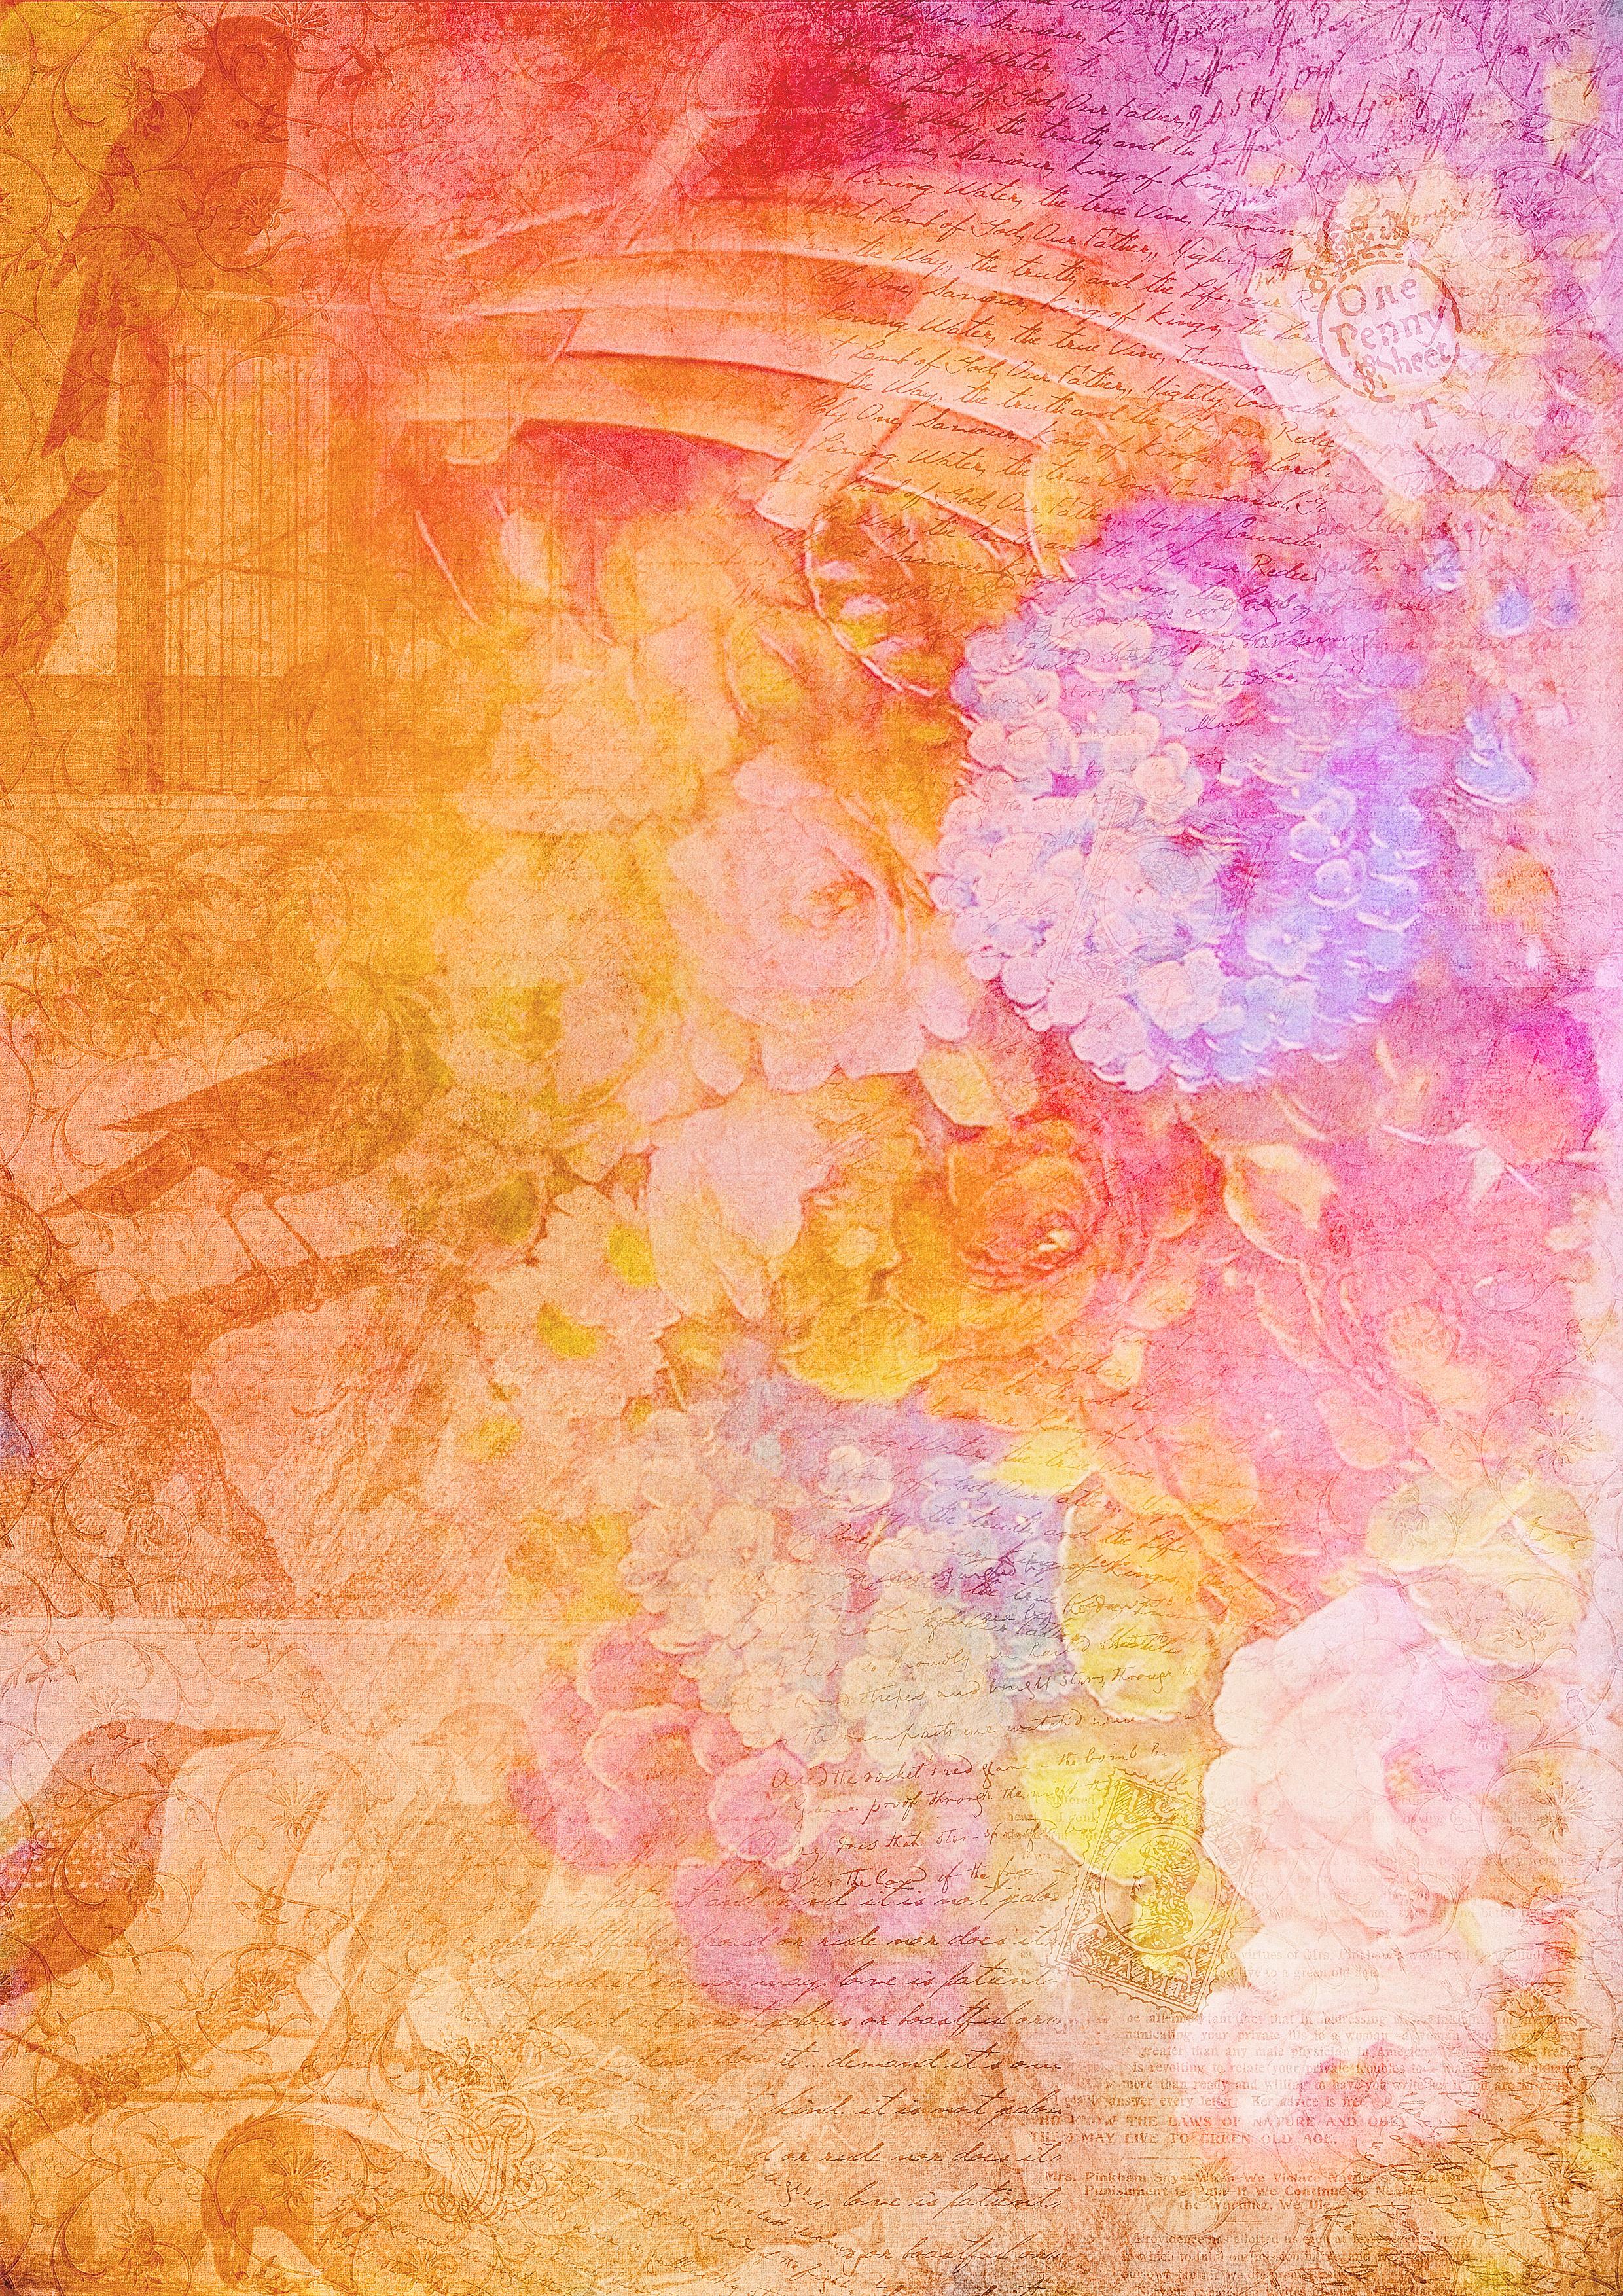 138117 économiseurs d'écran et fonds d'écran Textures sur votre téléphone. Téléchargez Texture, Textures, Patterns, Vintage, Millésime, Rétro, Papier, Scrapbooking images gratuitement